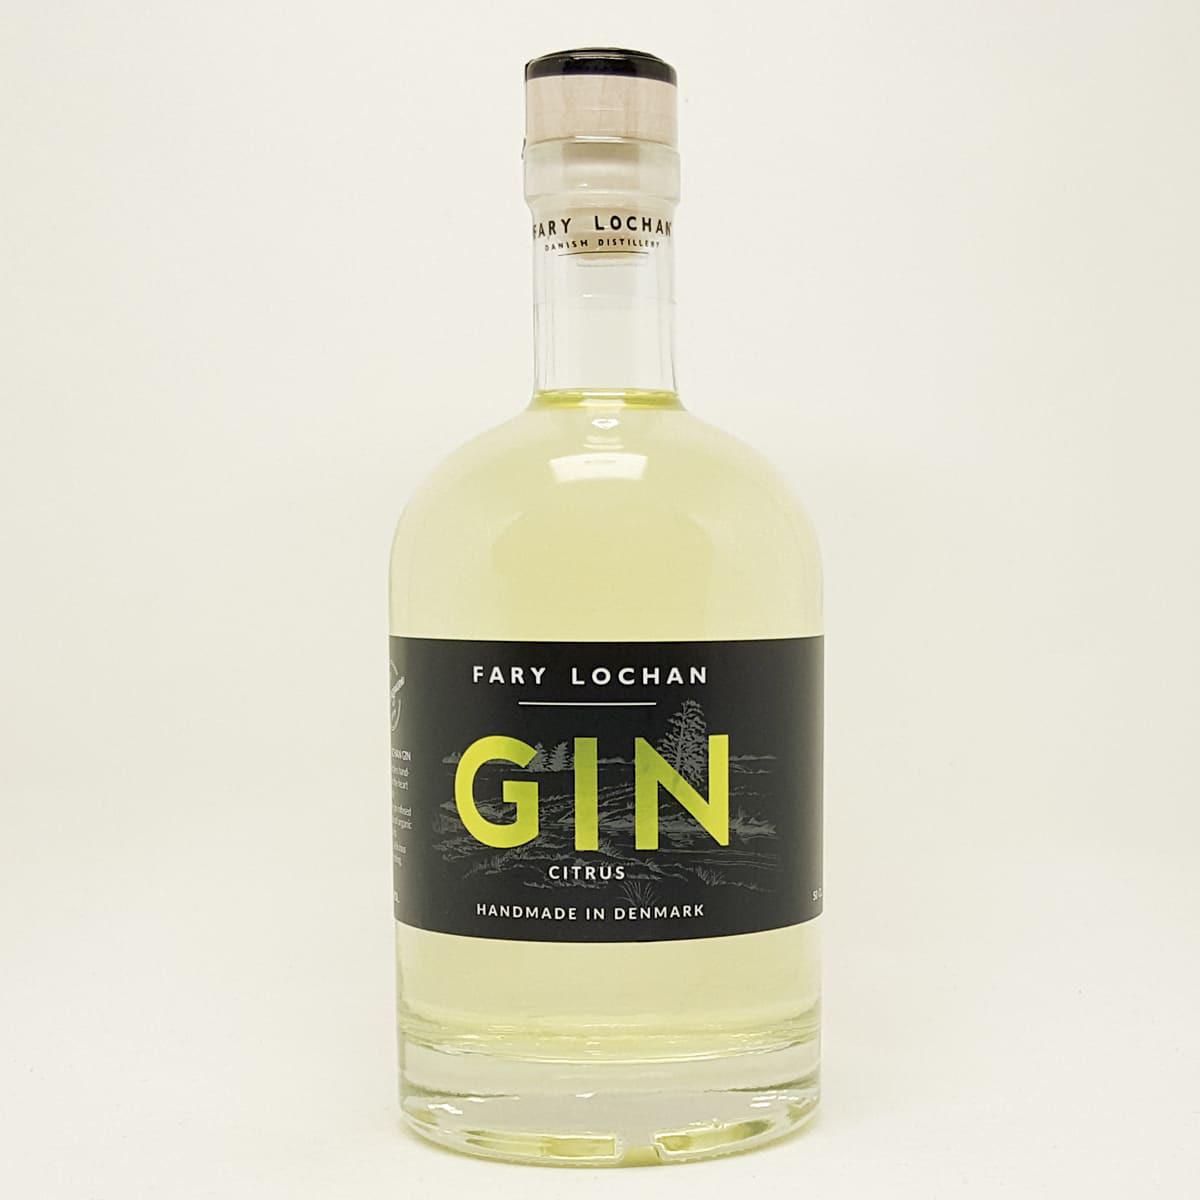 Dänischer Citrus Gin (500 ml)